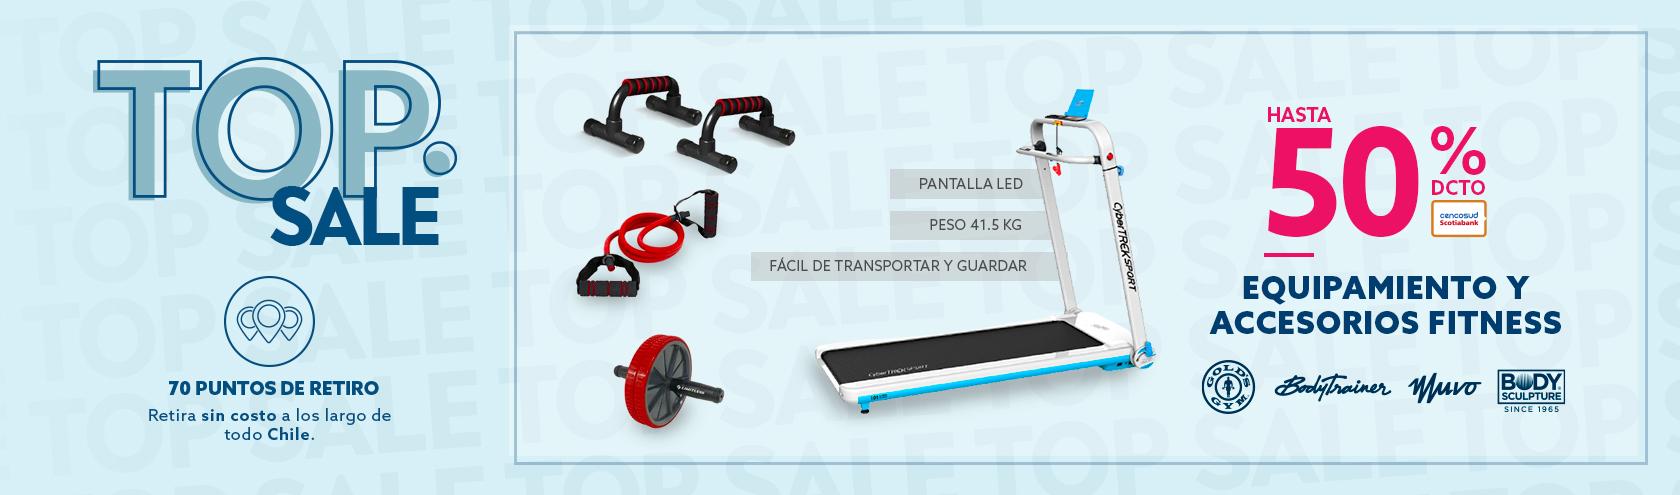 Hasta 50% equipamiento y accesorios fitness